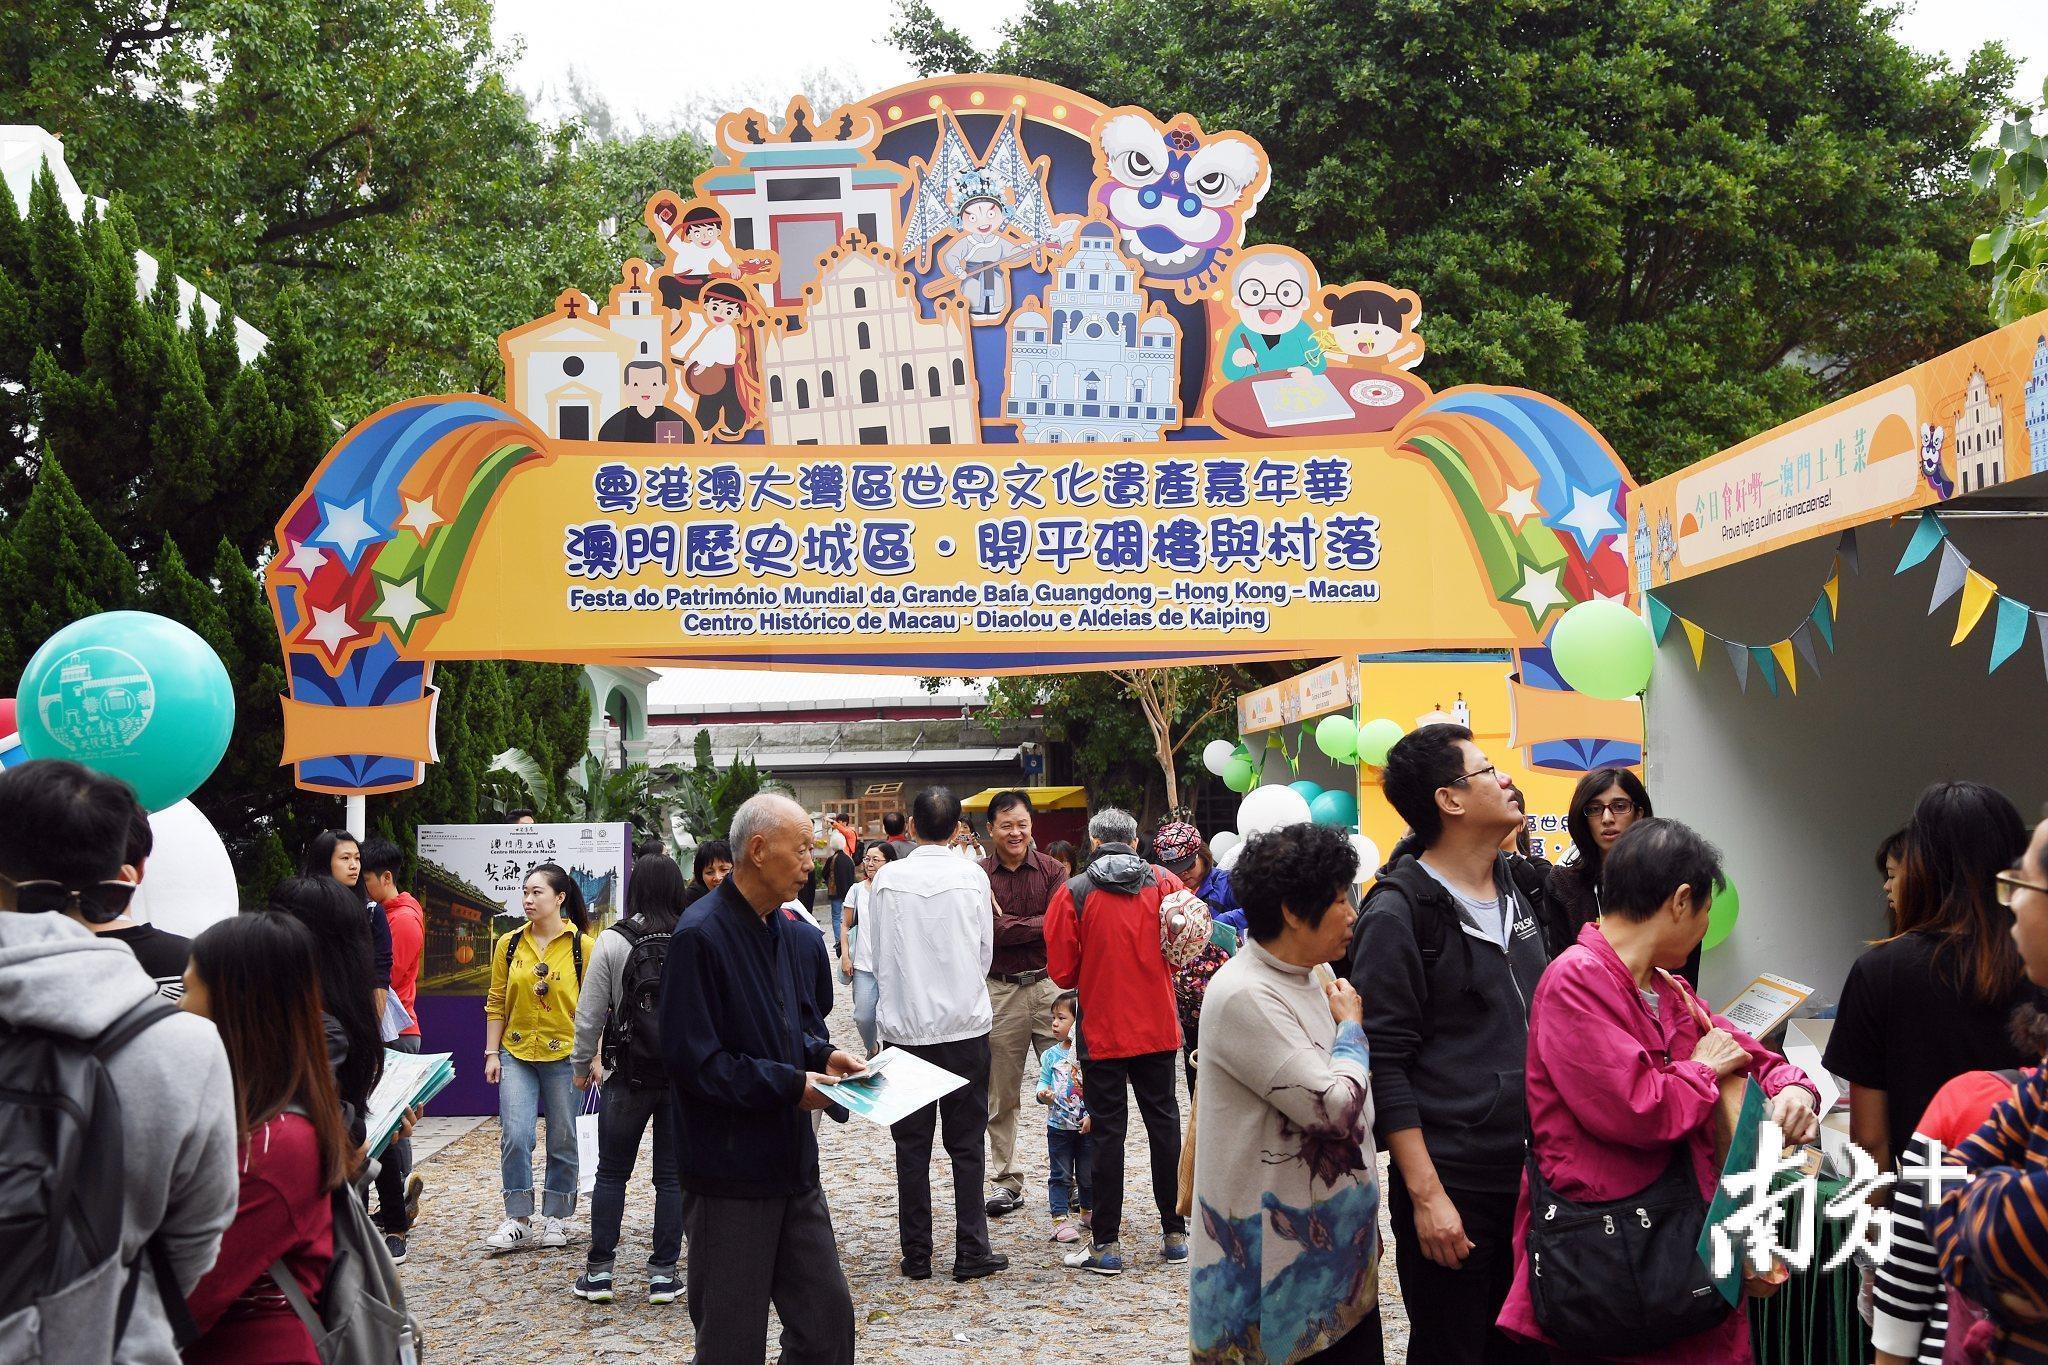 世界文化遗产嘉年华28日在开平开幕!三大看点抢先知